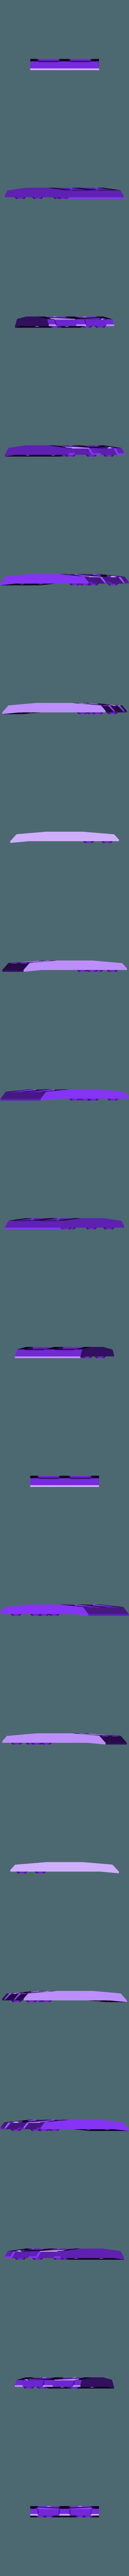 Desert_Fox_Skid_Front_20190412.stl Télécharger fichier STL gratuit Hobbyking Desert Fox Patins avant et arrière (Version allongée) • Plan pour impression 3D, peterbroeders